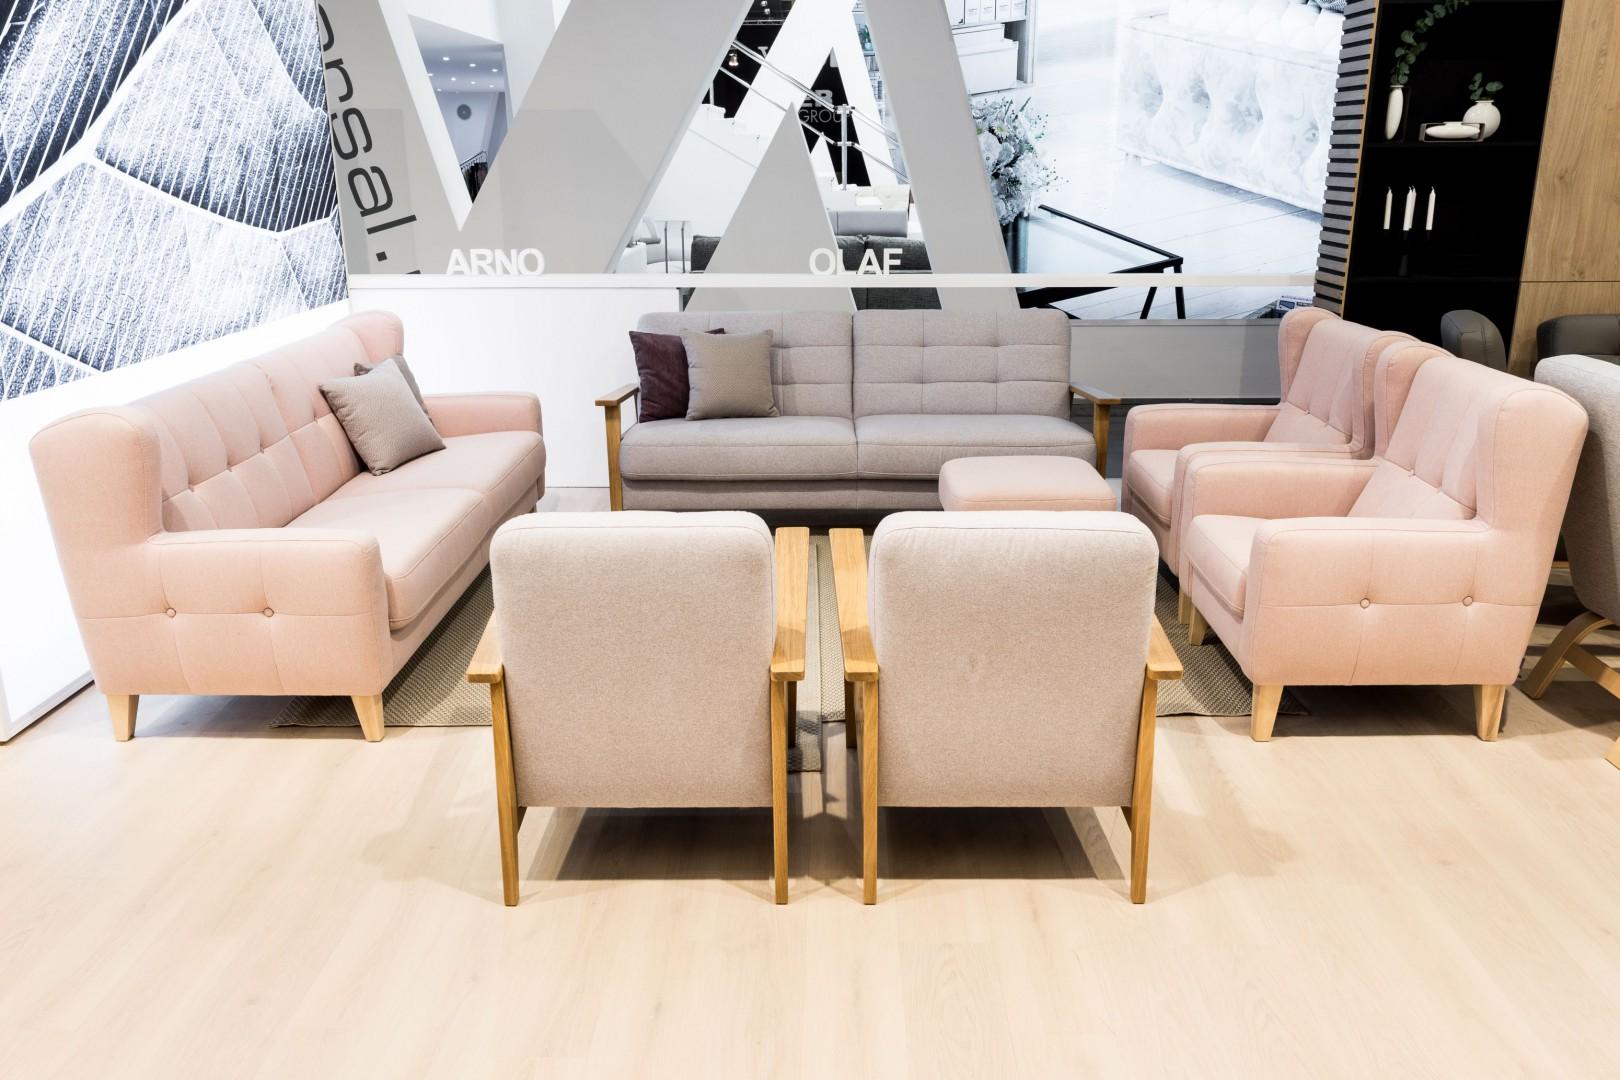 Zestaw wypoczynkowy Arno firmy Gala Collezione (marka Sweet Sit). Fot. Gala Collezione